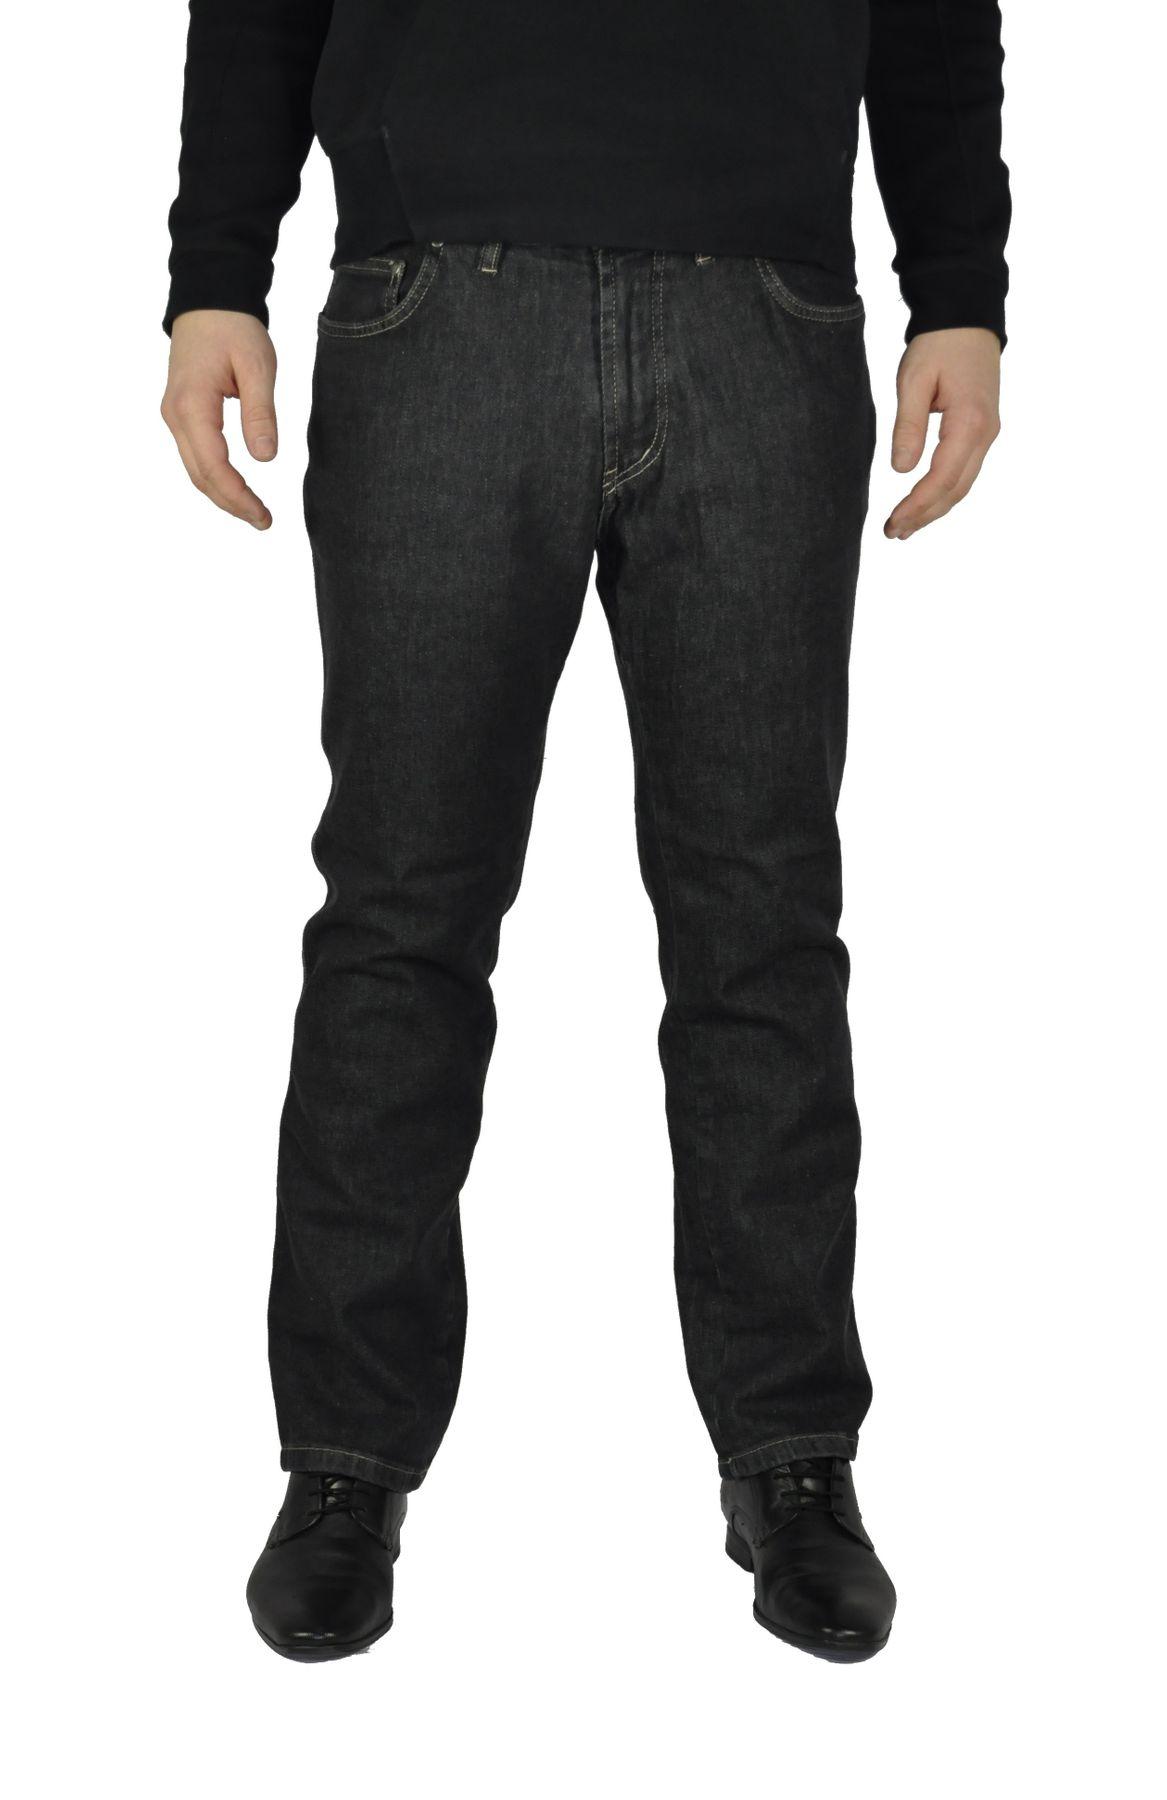 Herren 5 Pocket Jeans in Übergrößen mit Stretch Bund in Schwarz oder Blau (15204100) – Bild 1